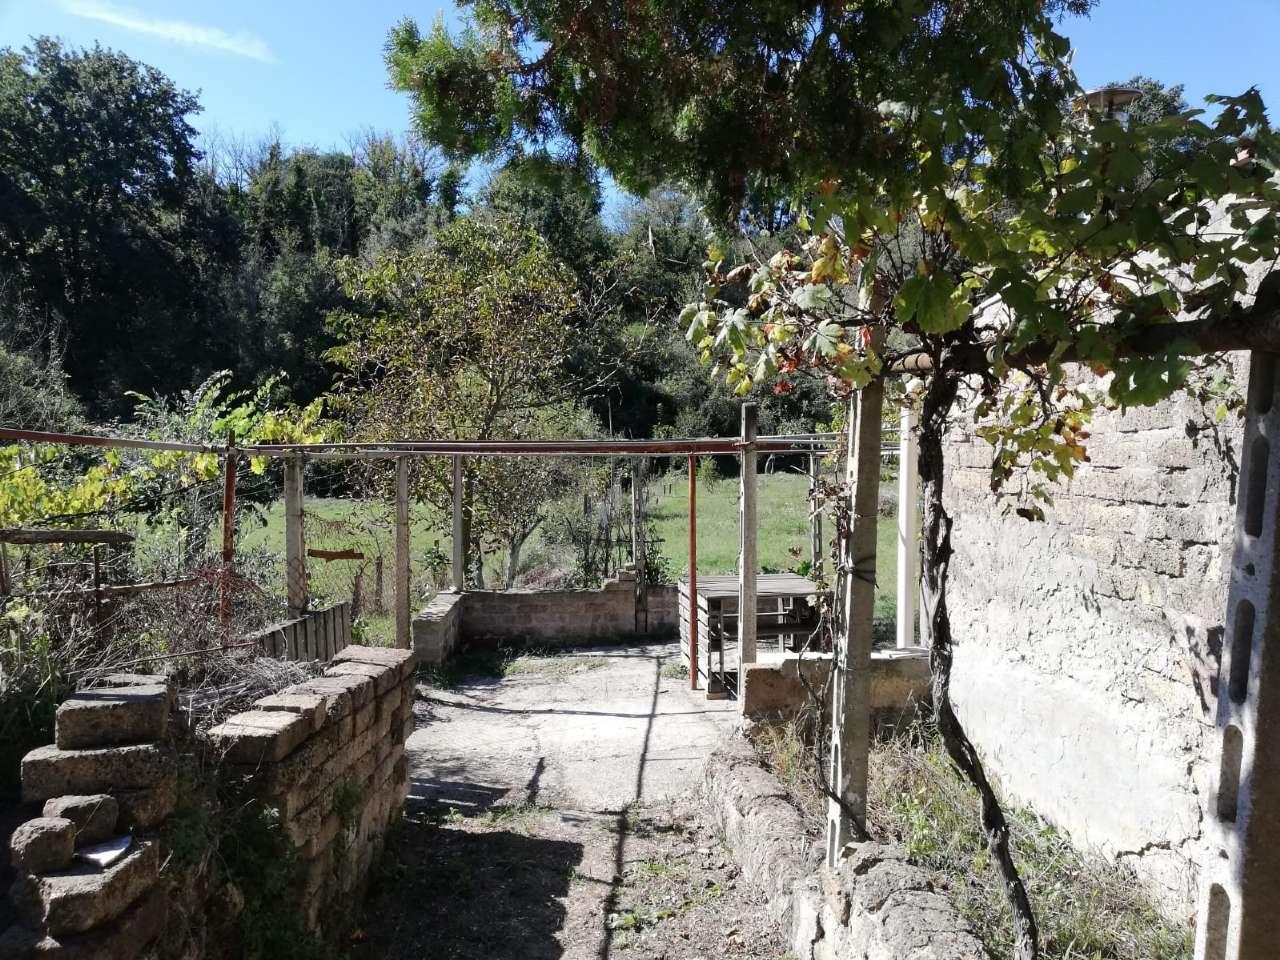 Soluzione Indipendente in vendita a Roma, 2 locali, zona Zona: 27 . Aurelio - Boccea, prezzo € 70.000 | CambioCasa.it